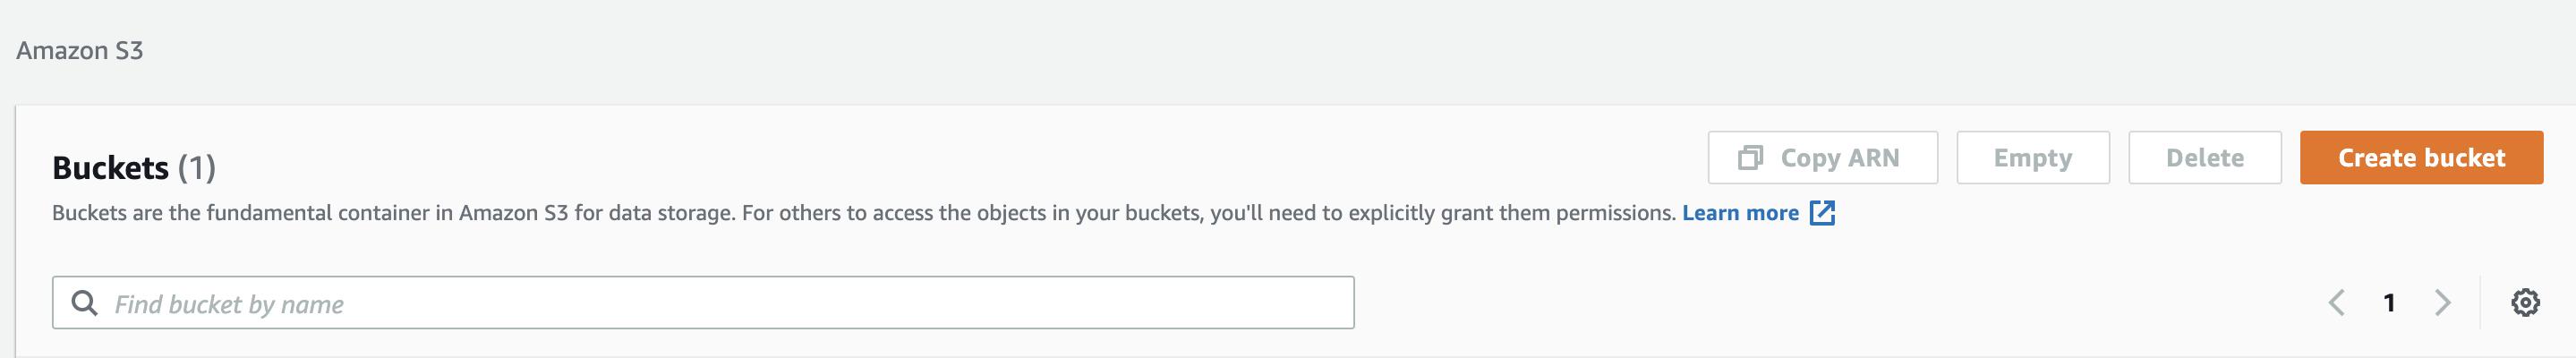 Create Bucket Step 1